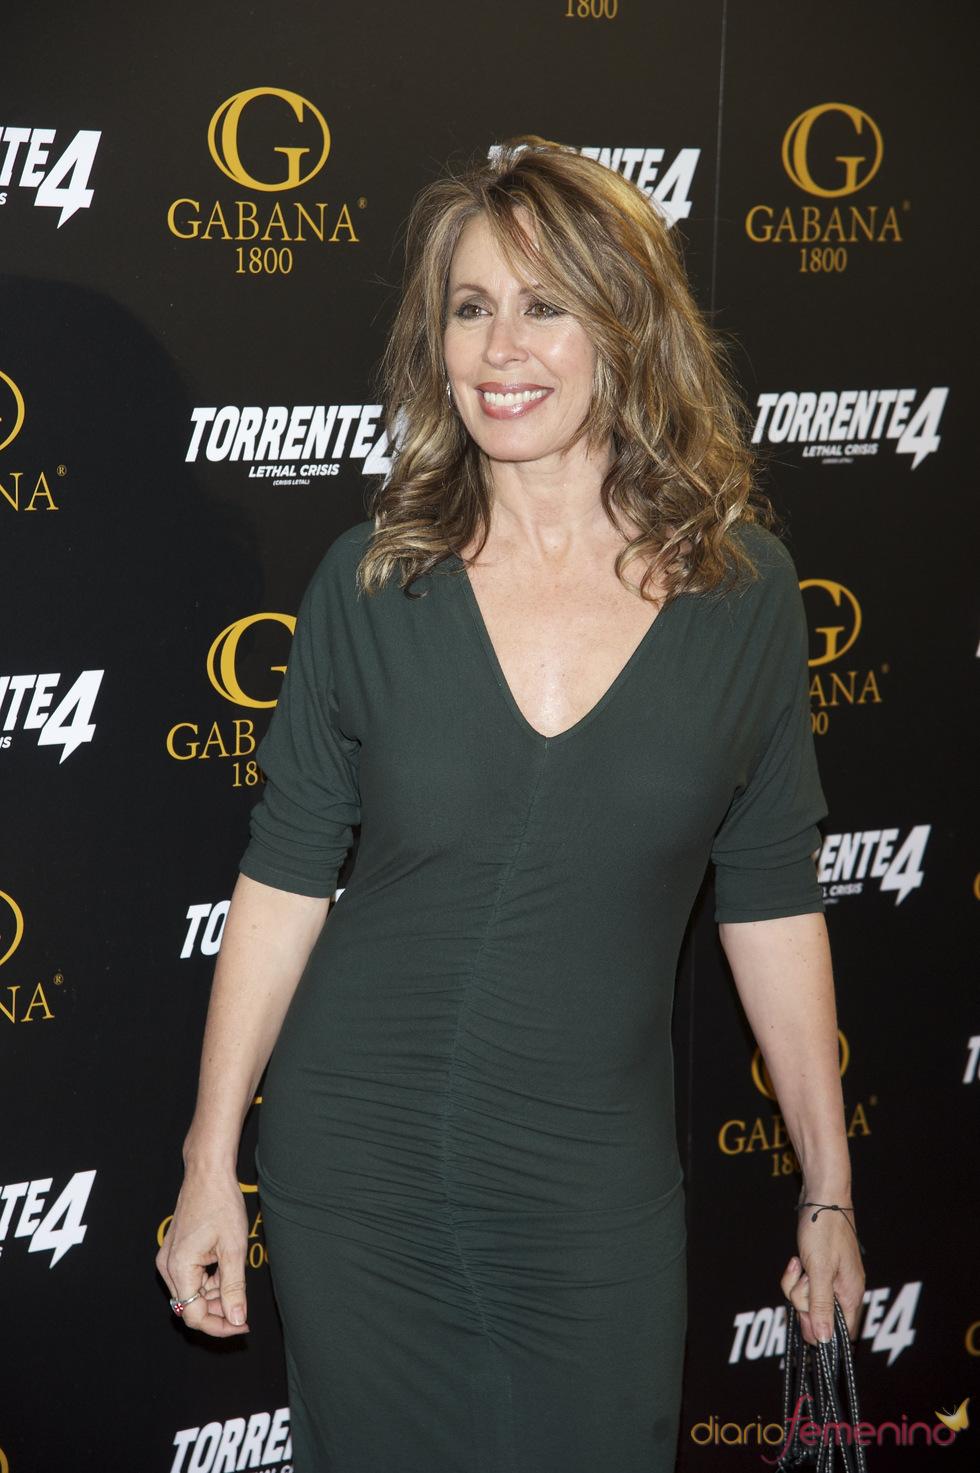 Miriam Díaz Aroca en el estreno de 'Torrente 4: lethal crisis'